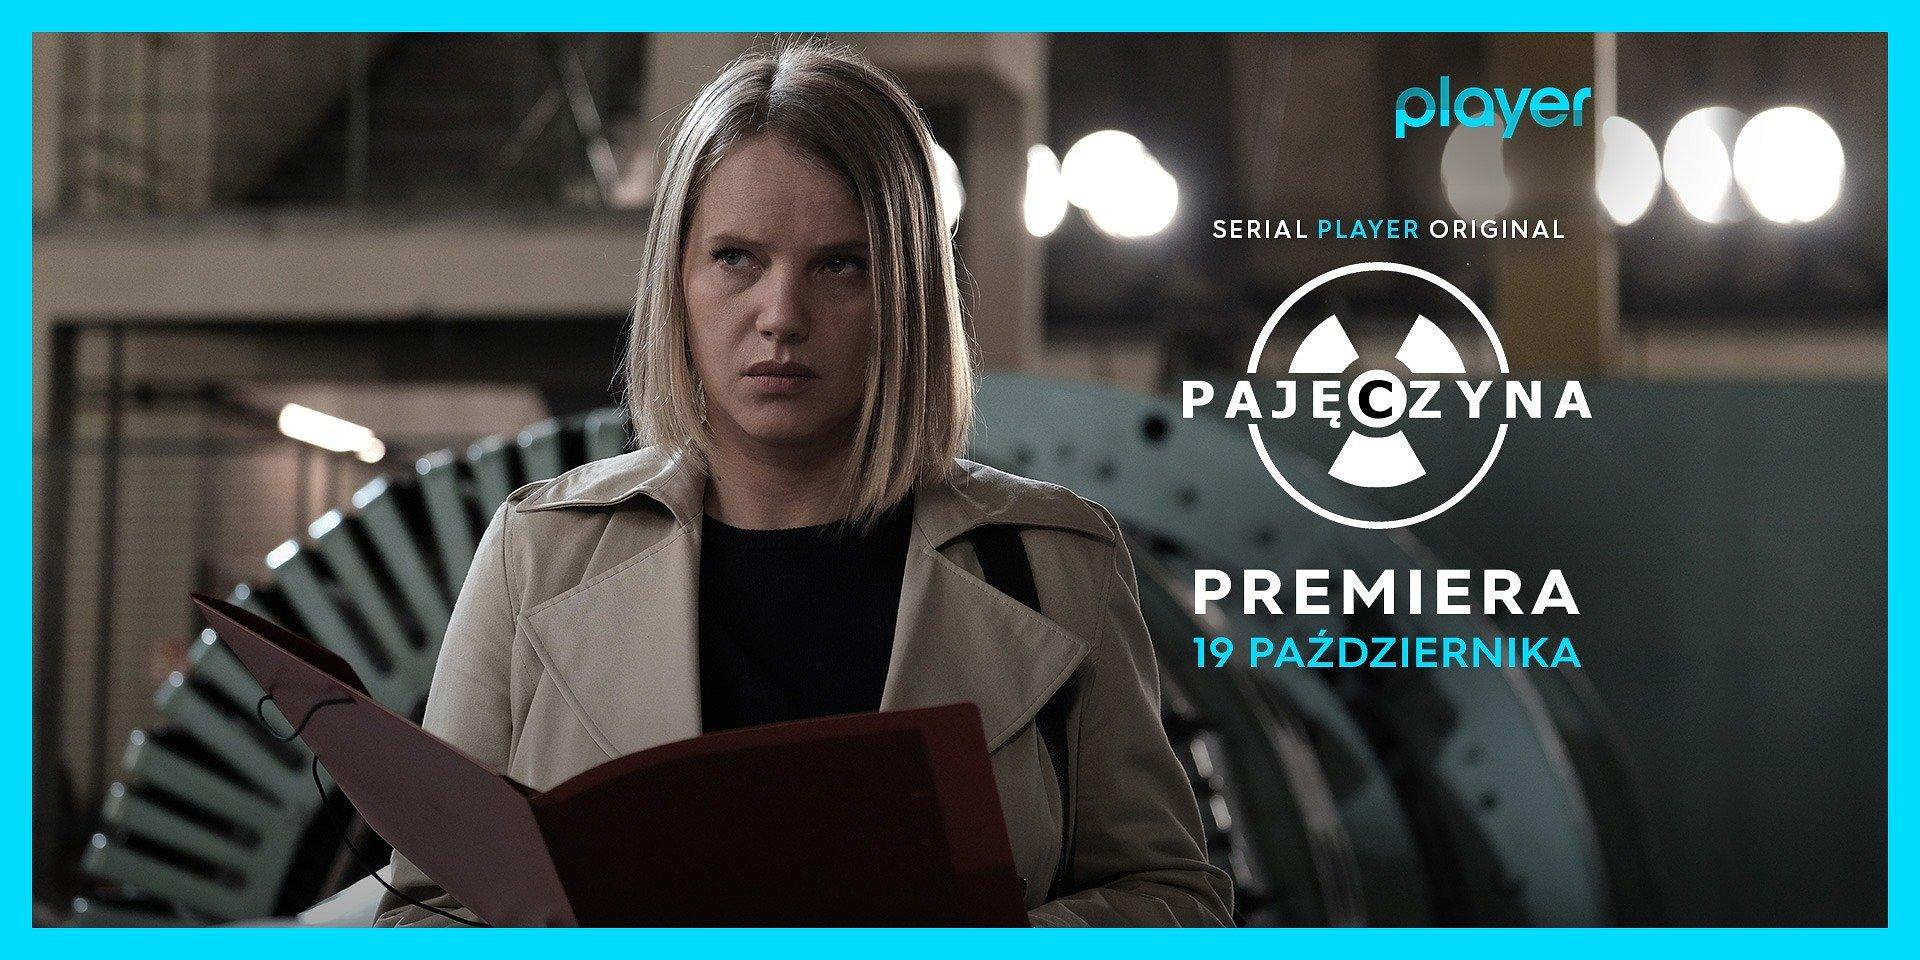 """Player ujawnia datę premiery """"Pajęczyny""""!"""